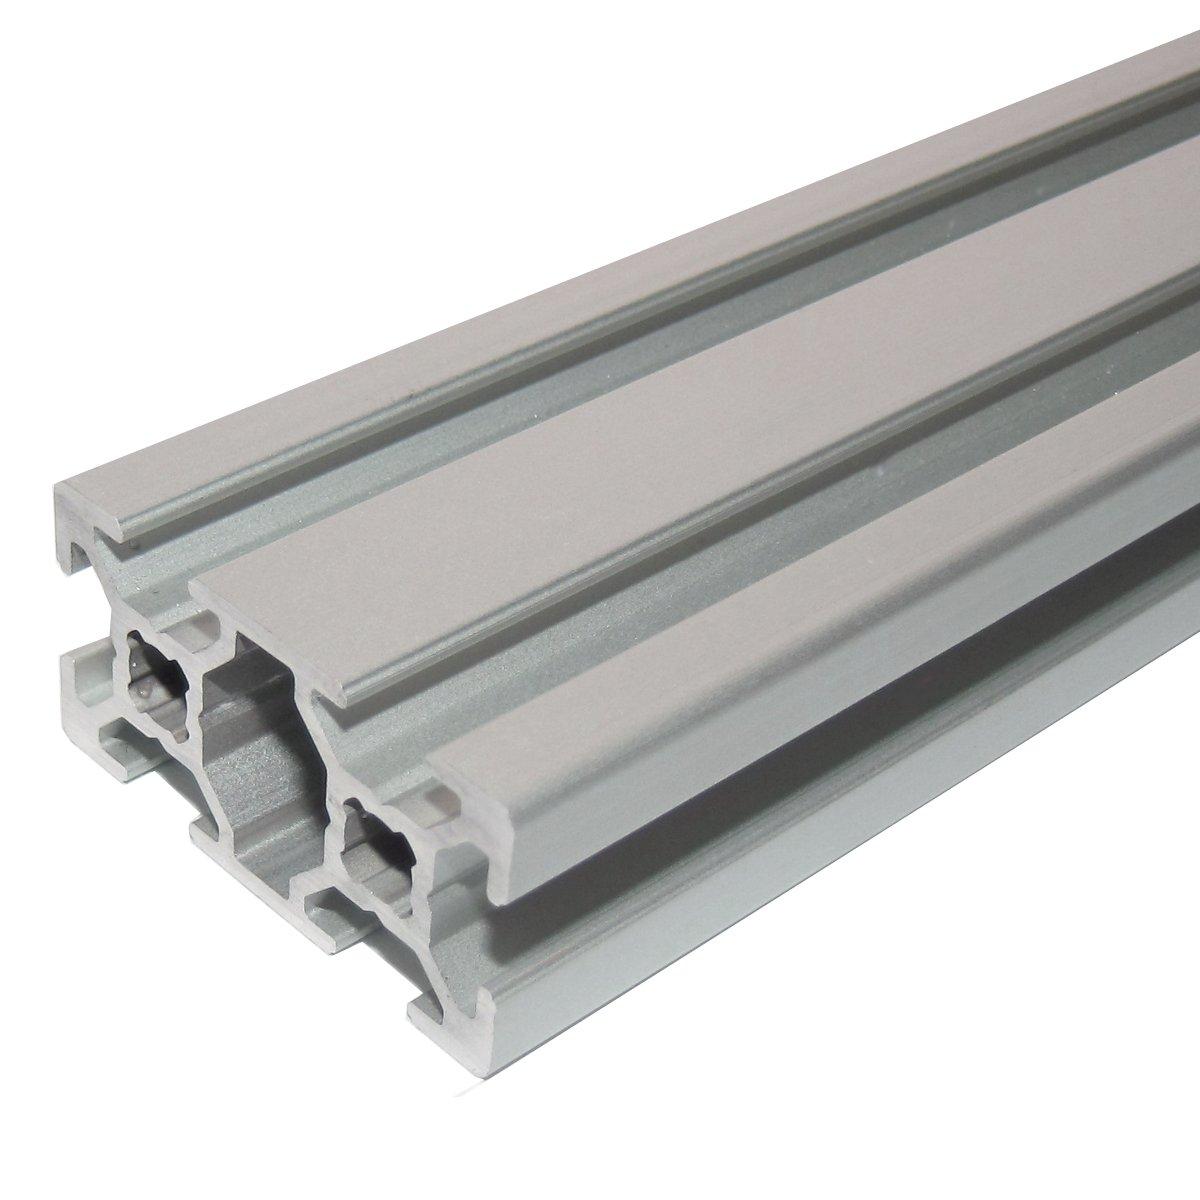 /Taglio 50/ 2000/mm Profilo in alluminio 20/x 20/tipo B scanalatura 6/